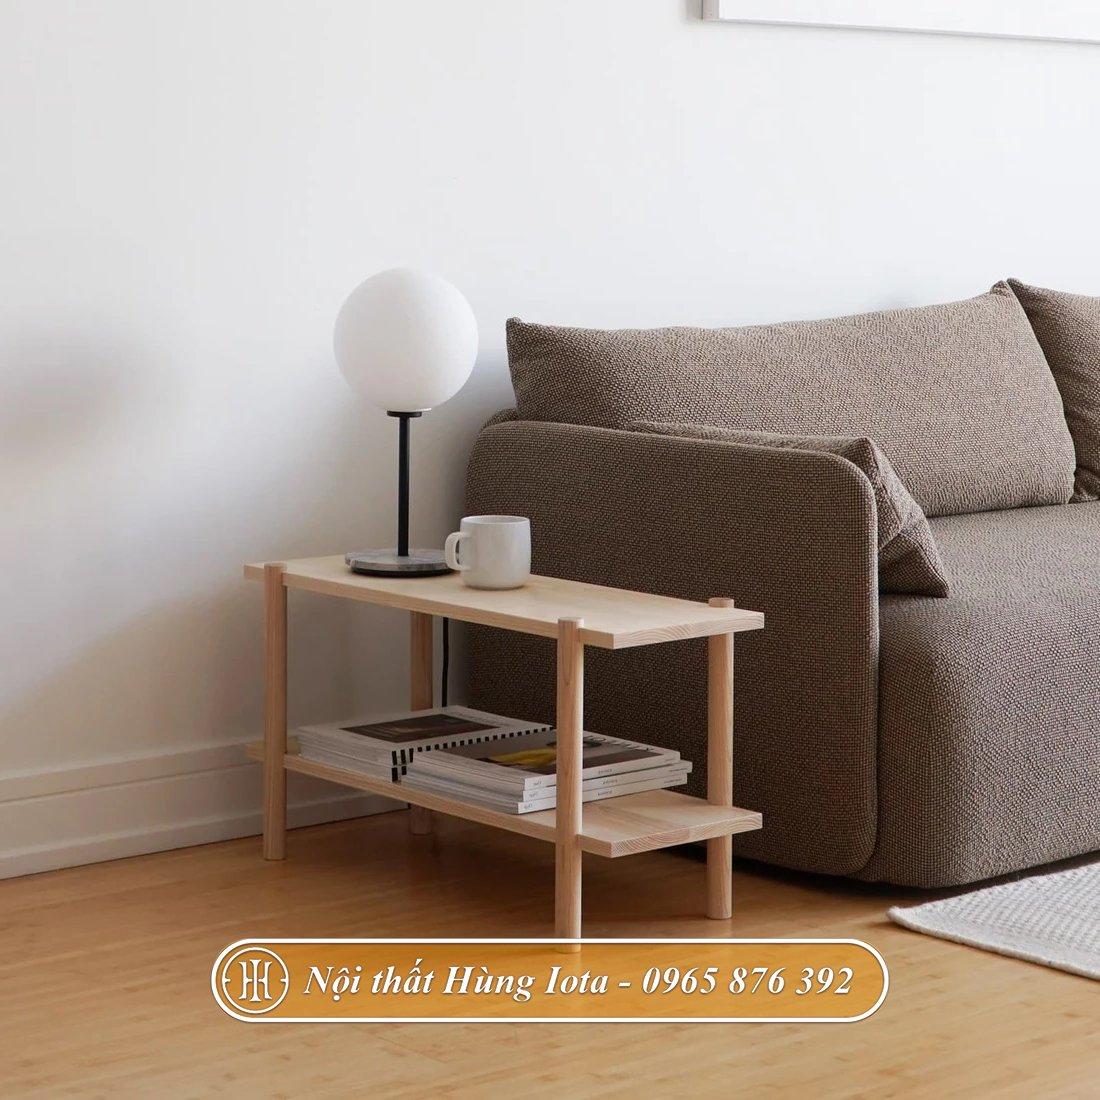 Kệ gỗ nhỏ decor cạnh sofa